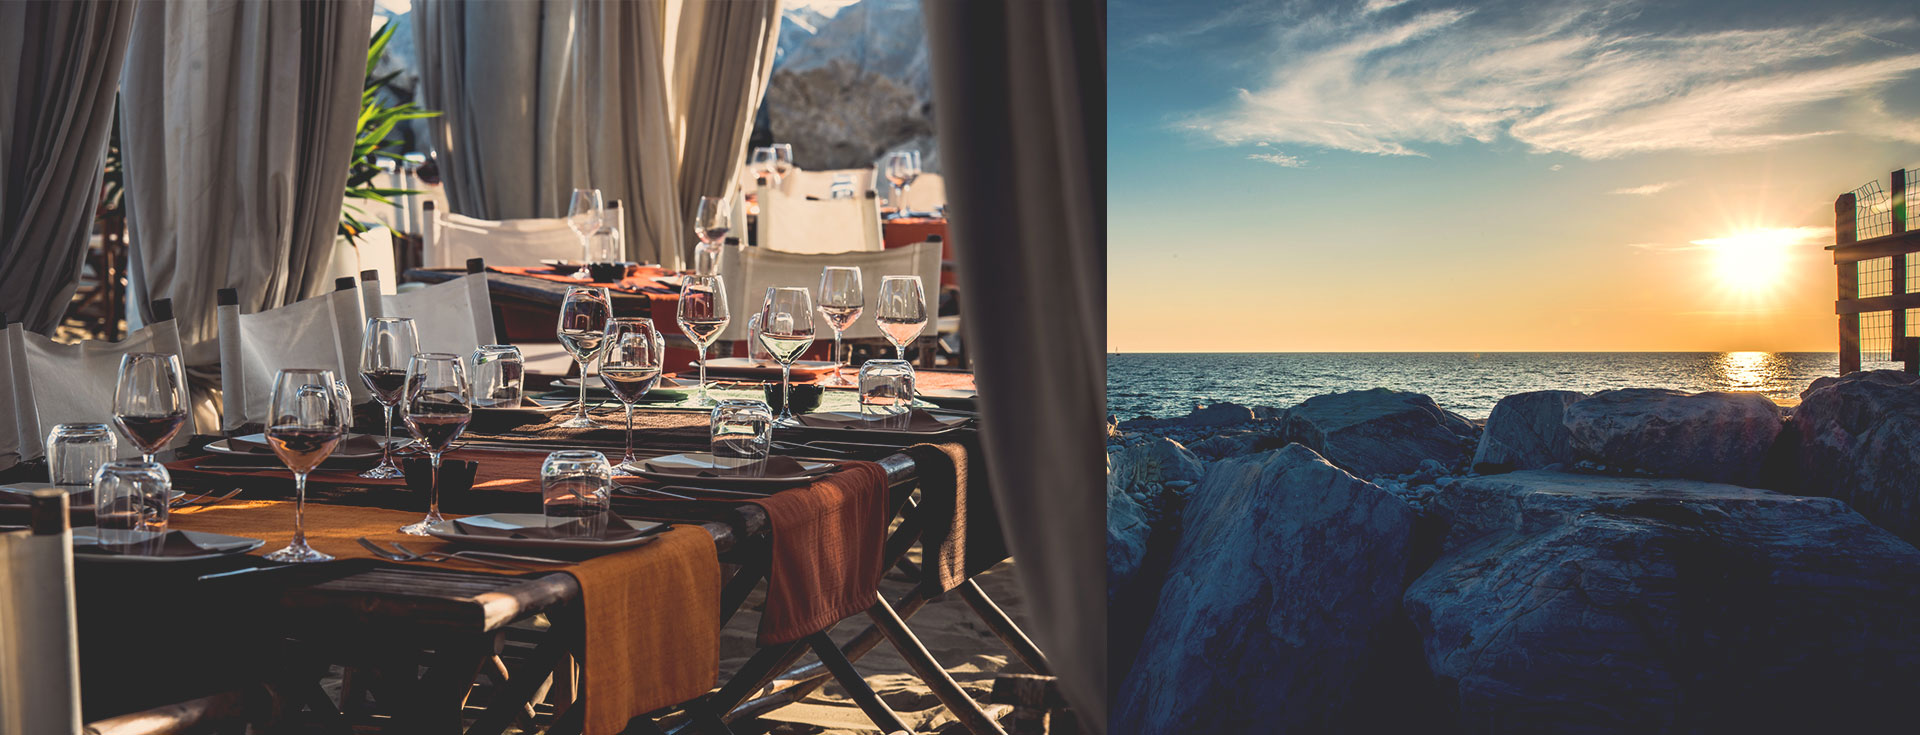 Bagno italia 016 studio - Bagno italia ristorante ...